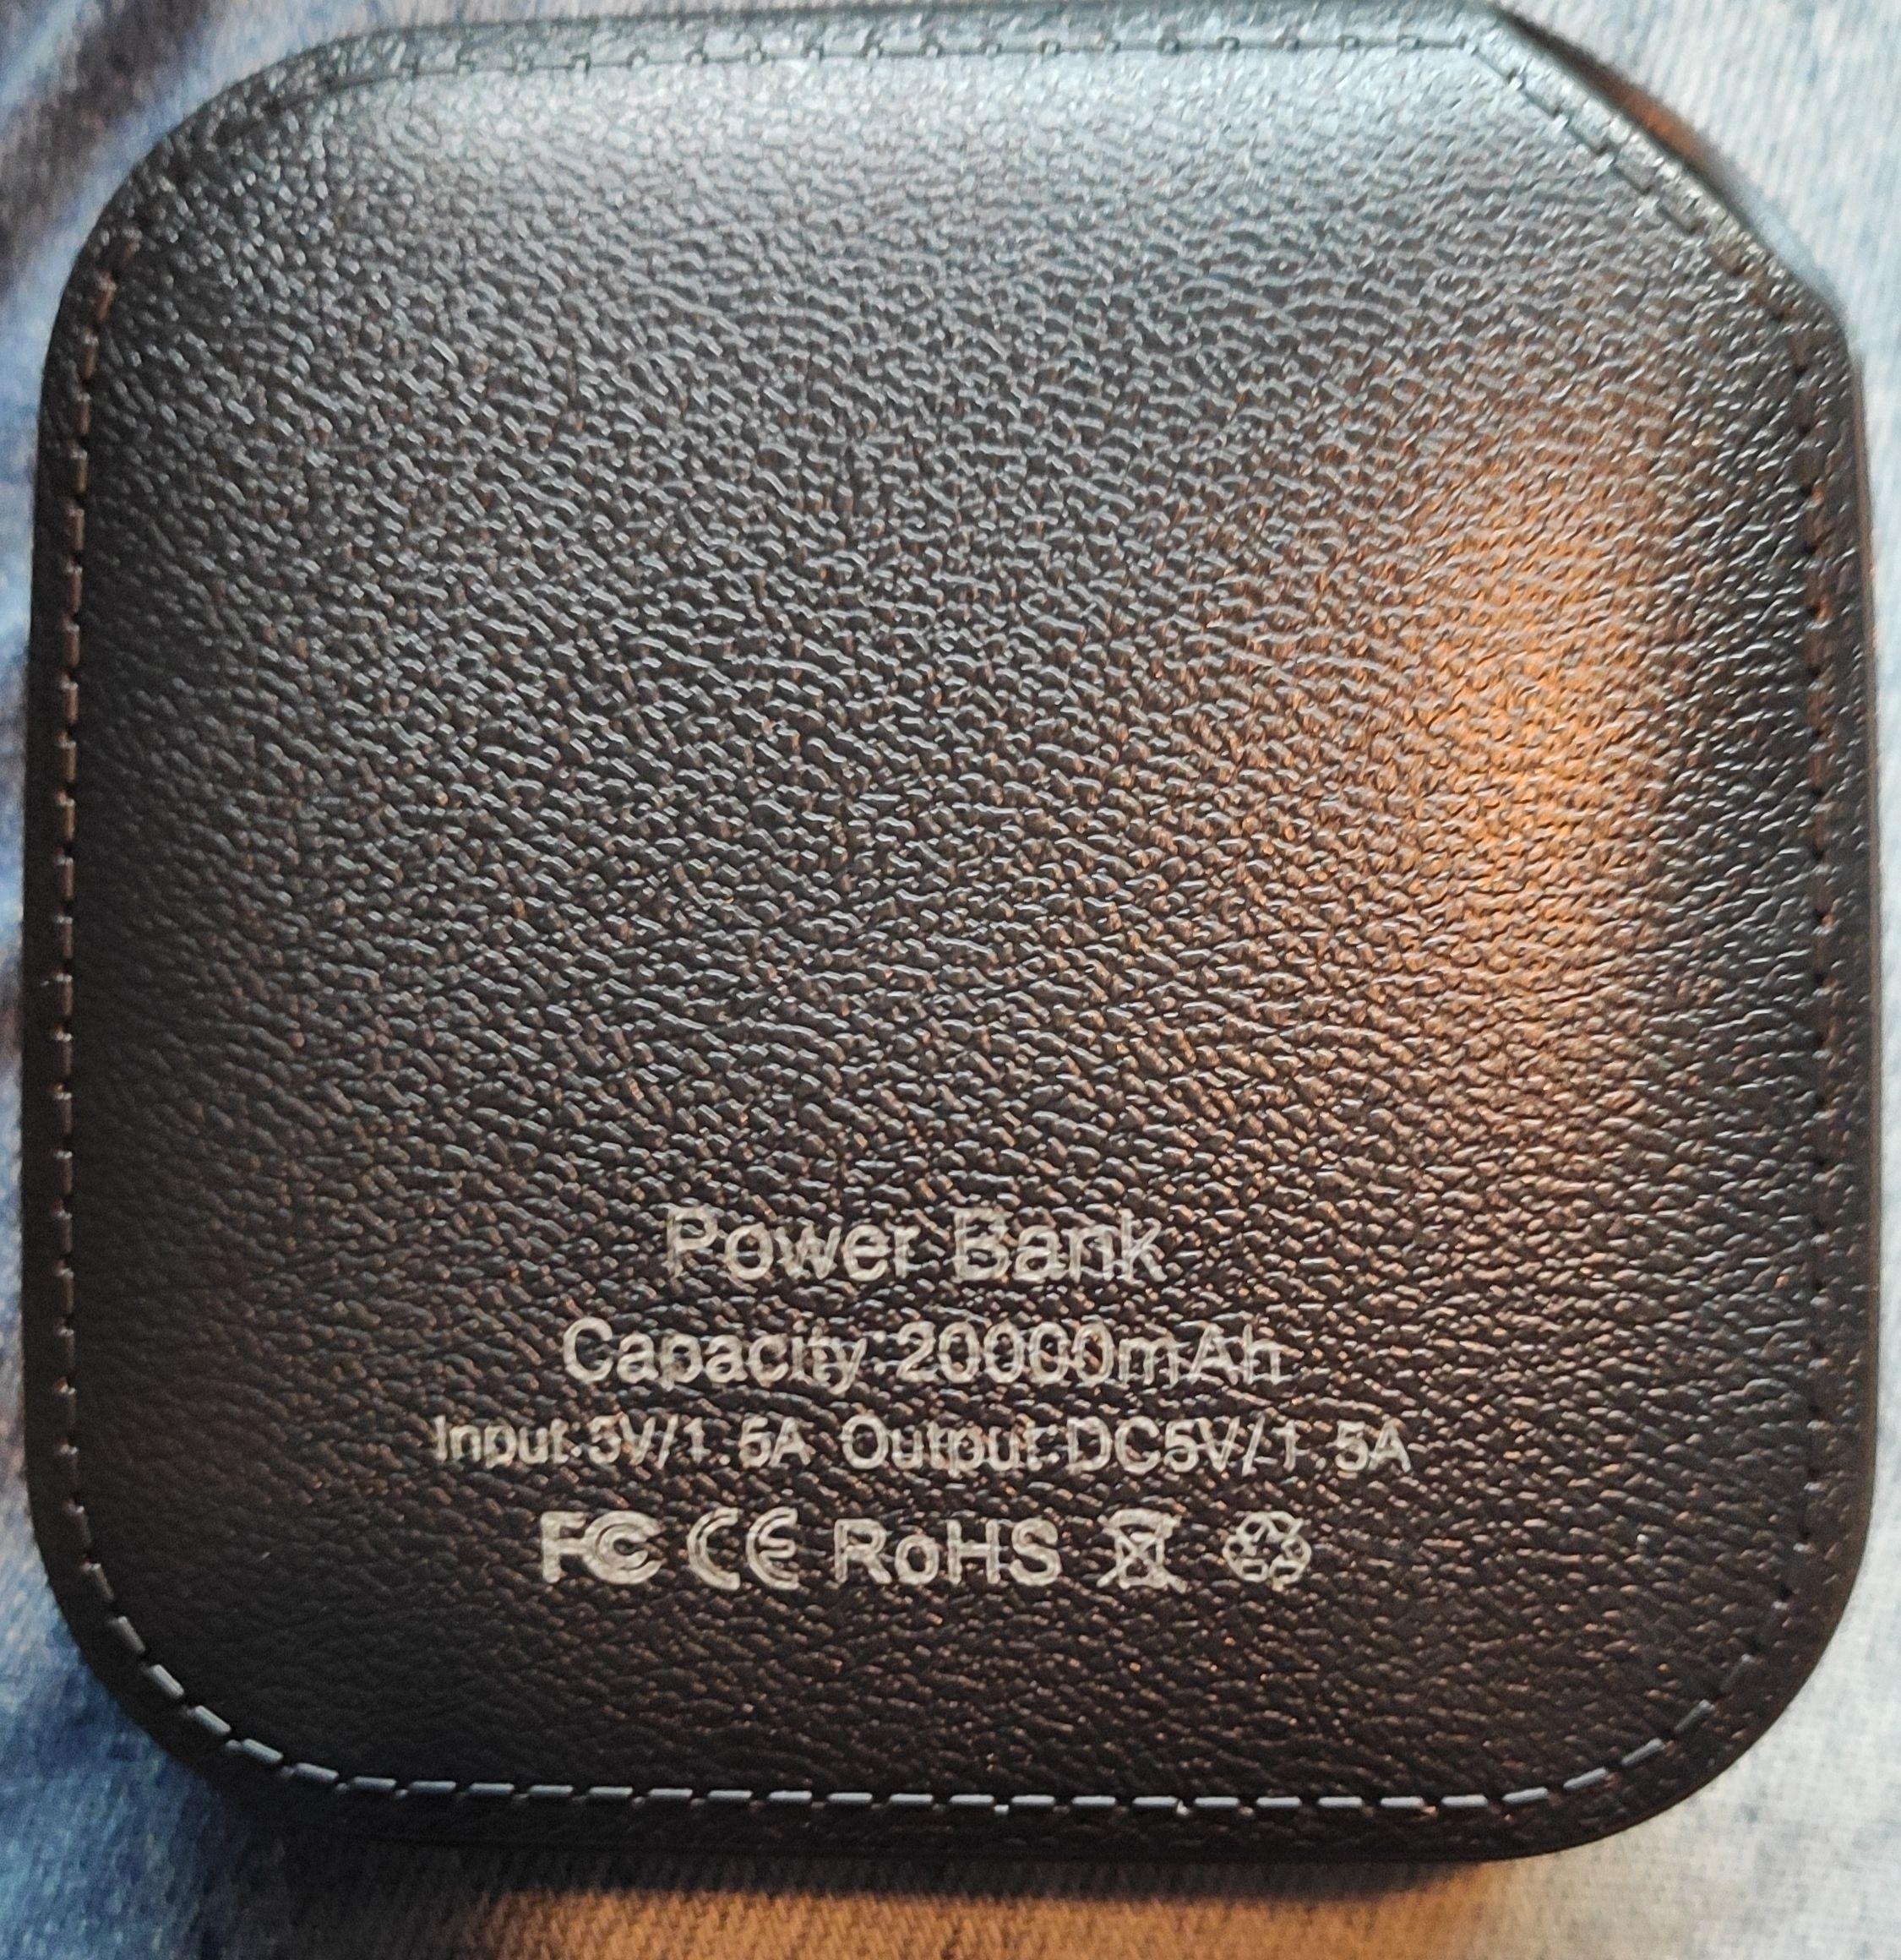 256285-ROV5h.jpg